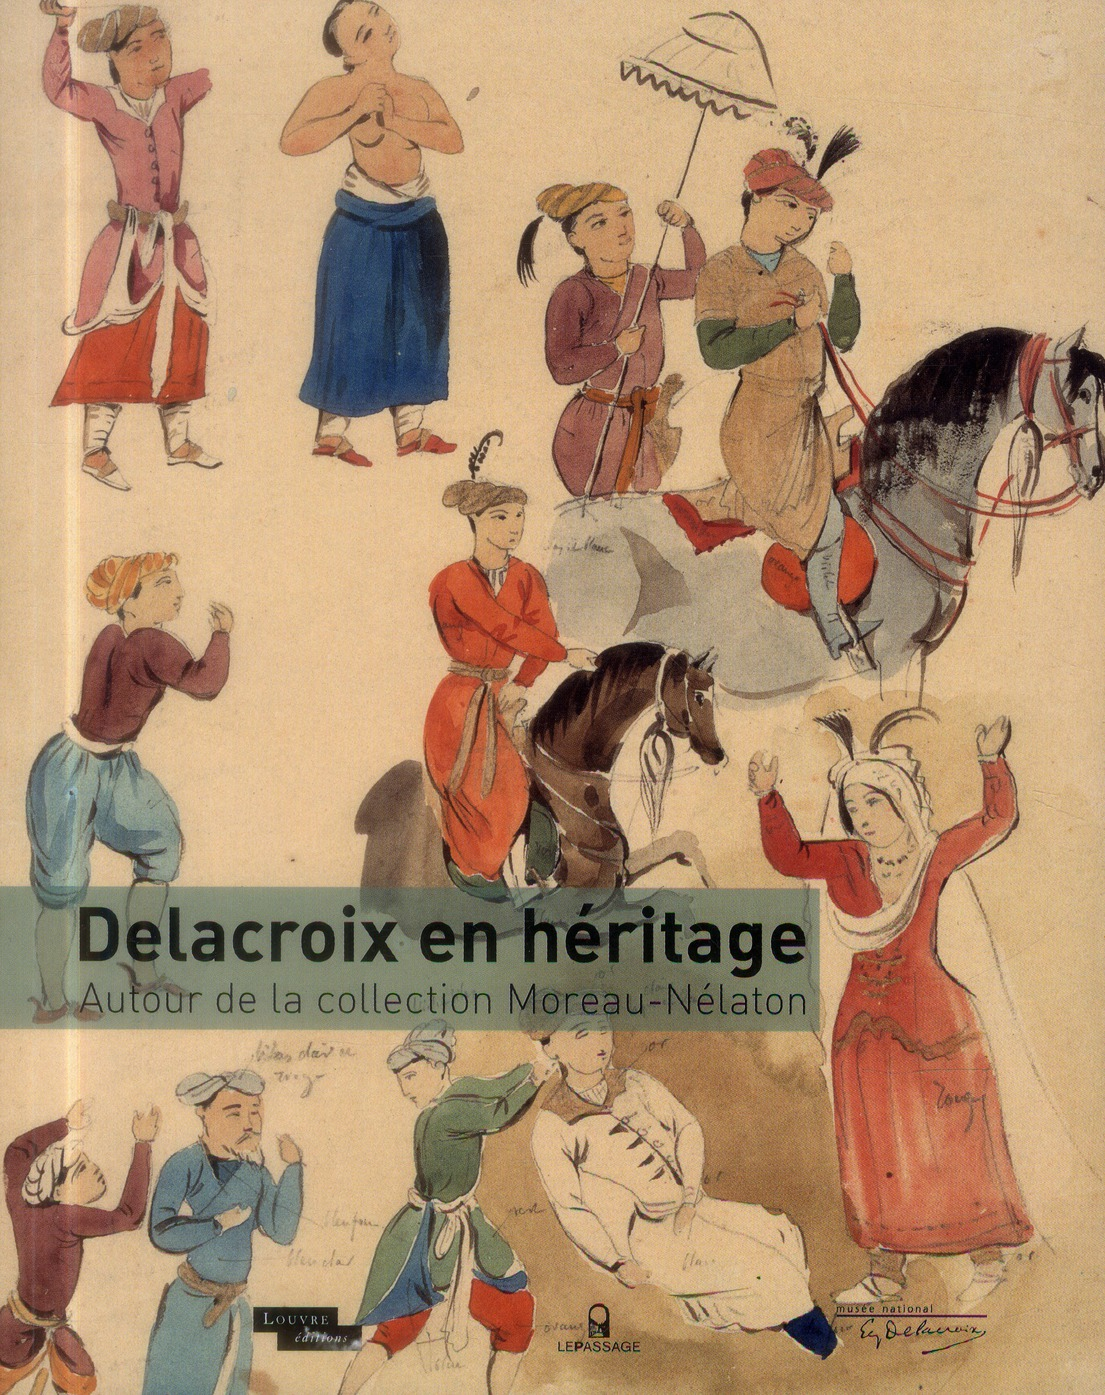 DELACROIX EN HERITAGE - AUTOUR DE LA COLLECTION MOREAU-NELATON